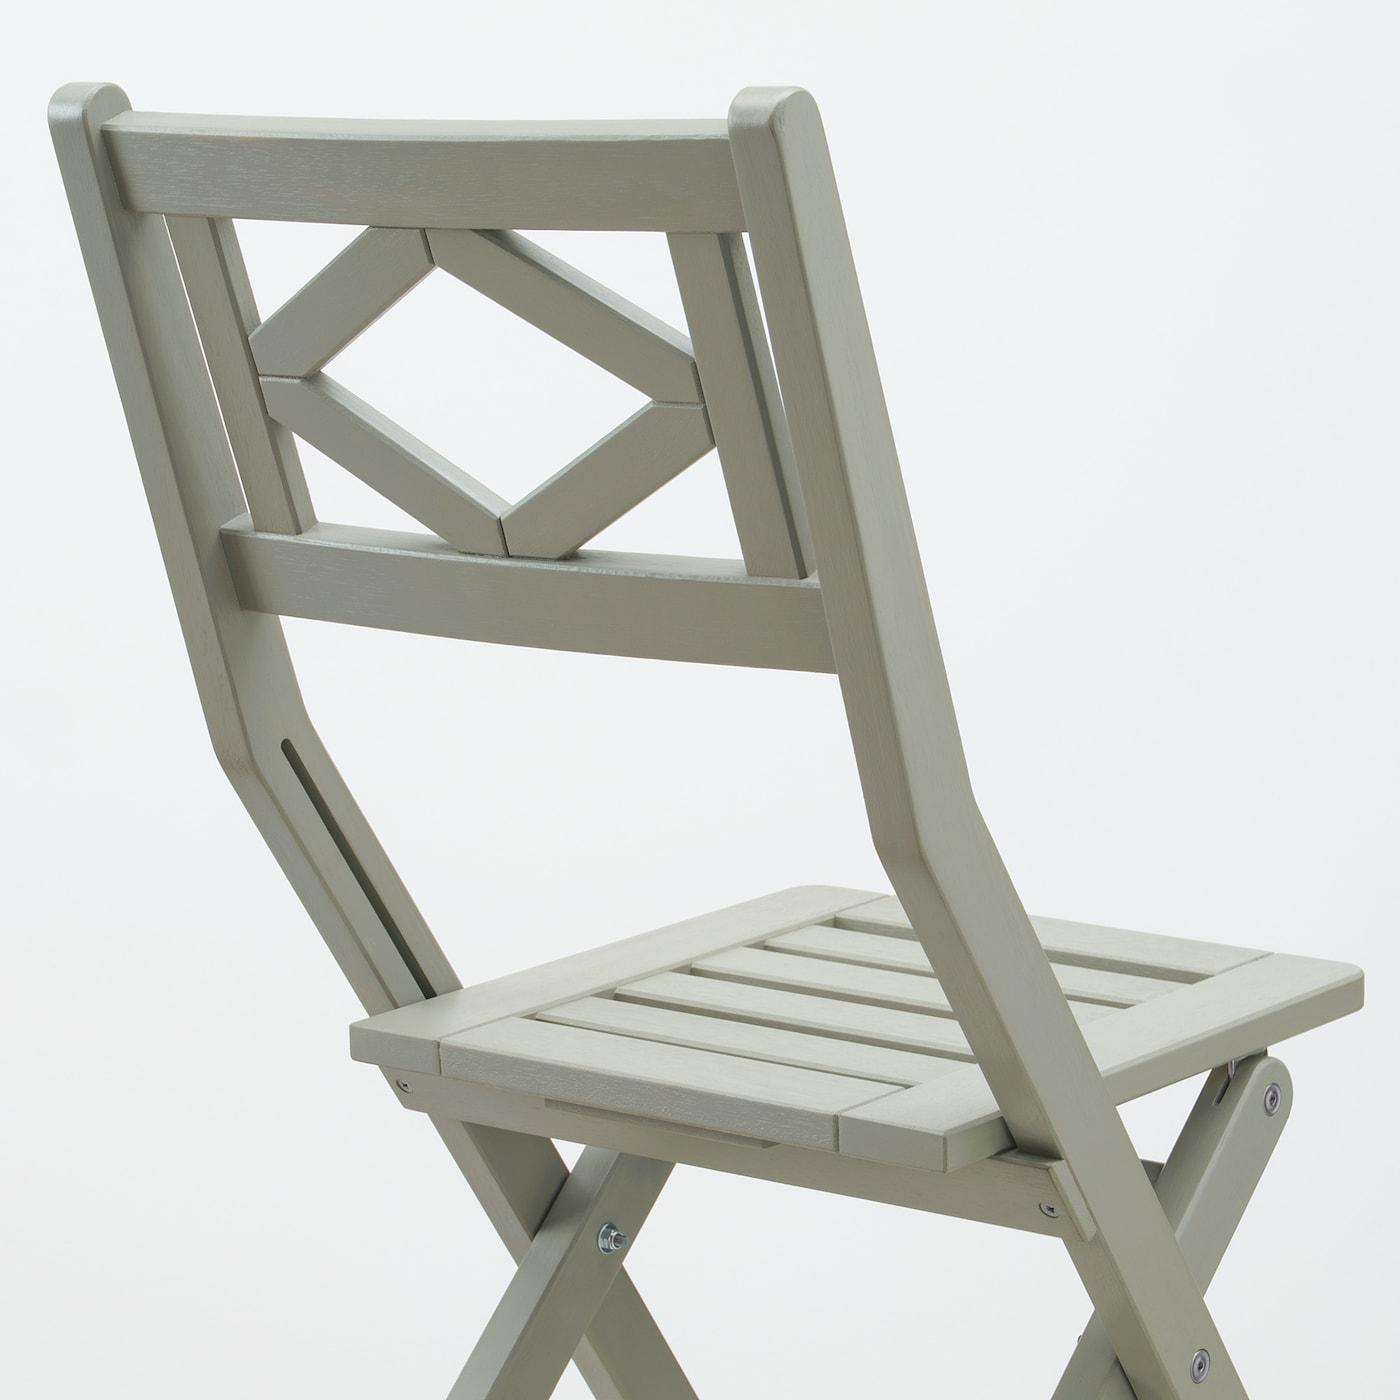 BONDHOLMEN Tisch+2 Klappstühle/außen, grau las./Frösön/Duvholmen dunkles Beigegrün